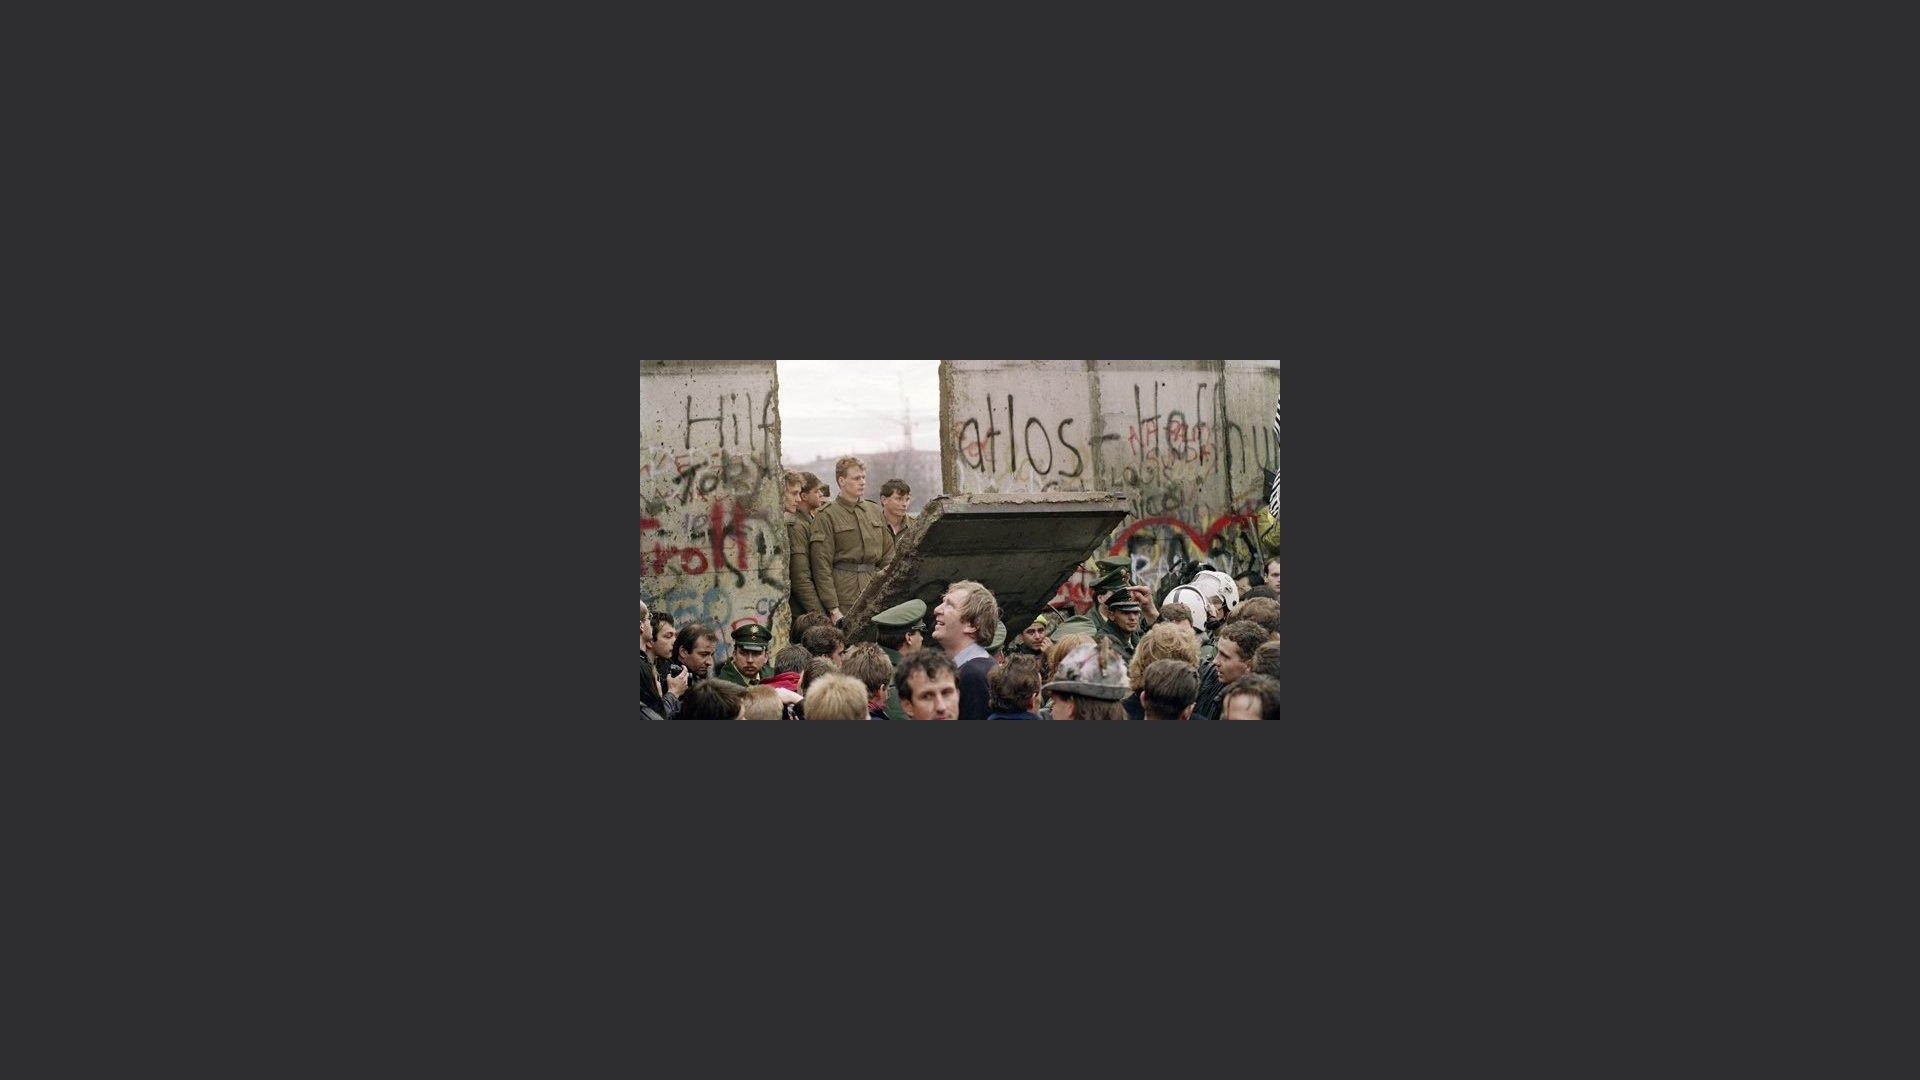 31 anni fa la caduta del Muro di Berlino